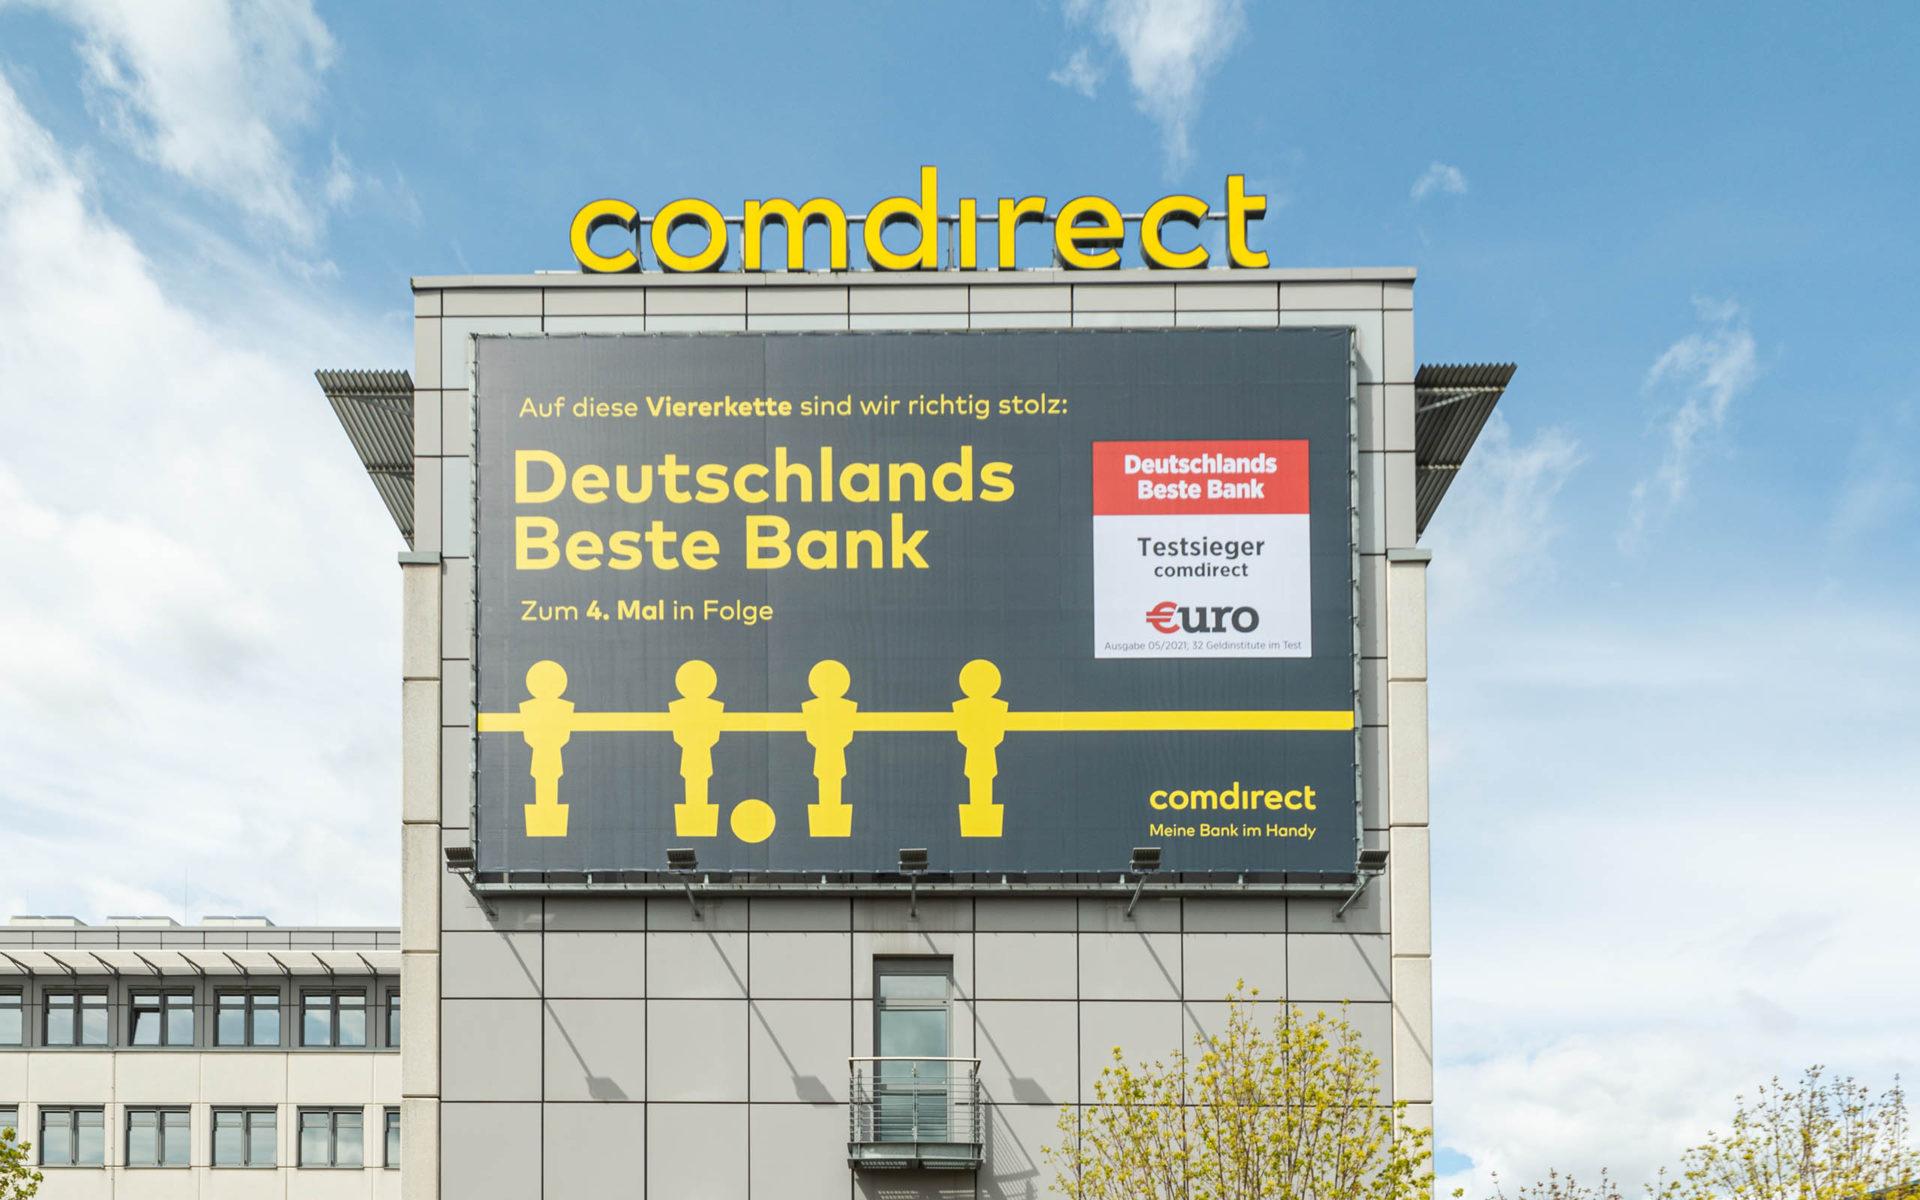 """Riesenposter an der Fassade eines Bürogebäudes mit der Aufschrift """"Deutschlands Beste Bank"""""""